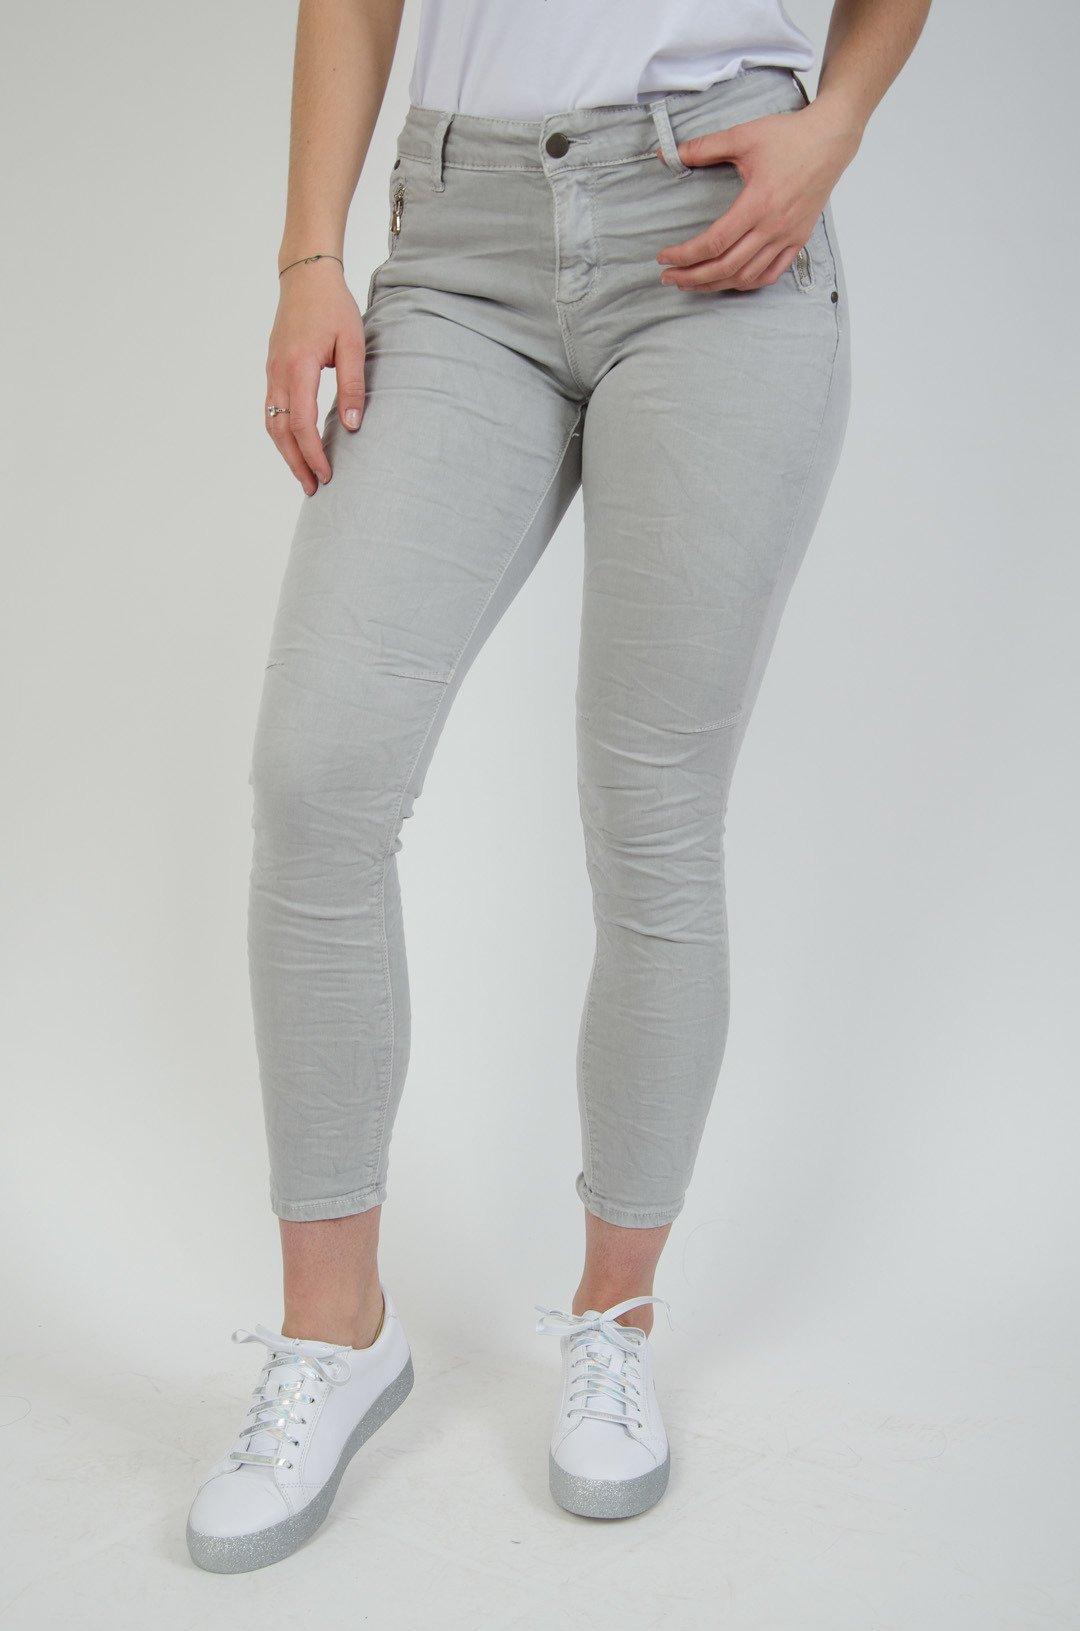 3cd42b25 Szare spodnie joggery z zamkami przy kieszeniach